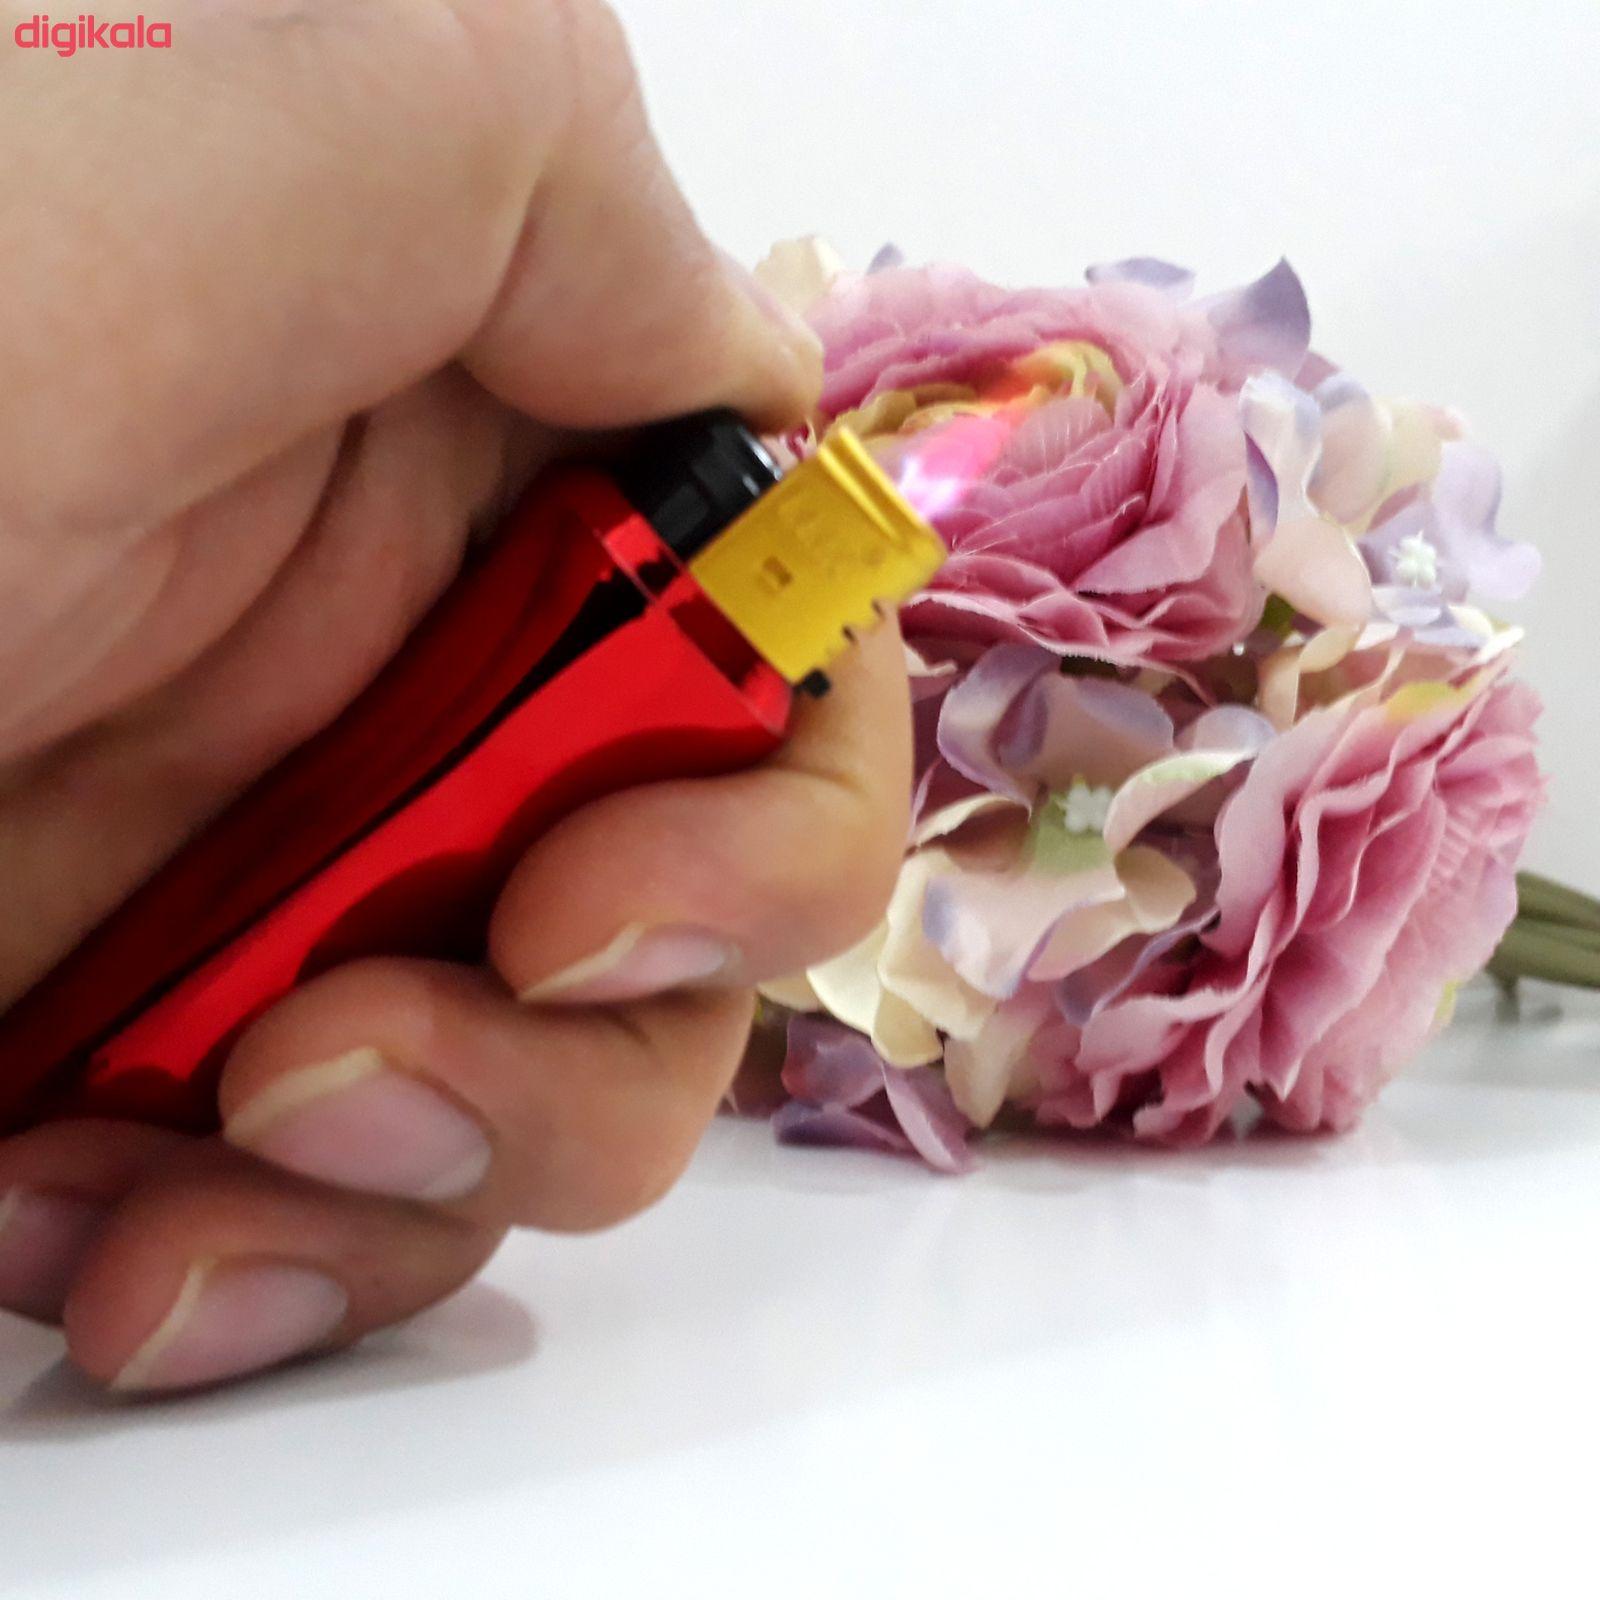 فندک کی کی کی کد 59 main 1 3